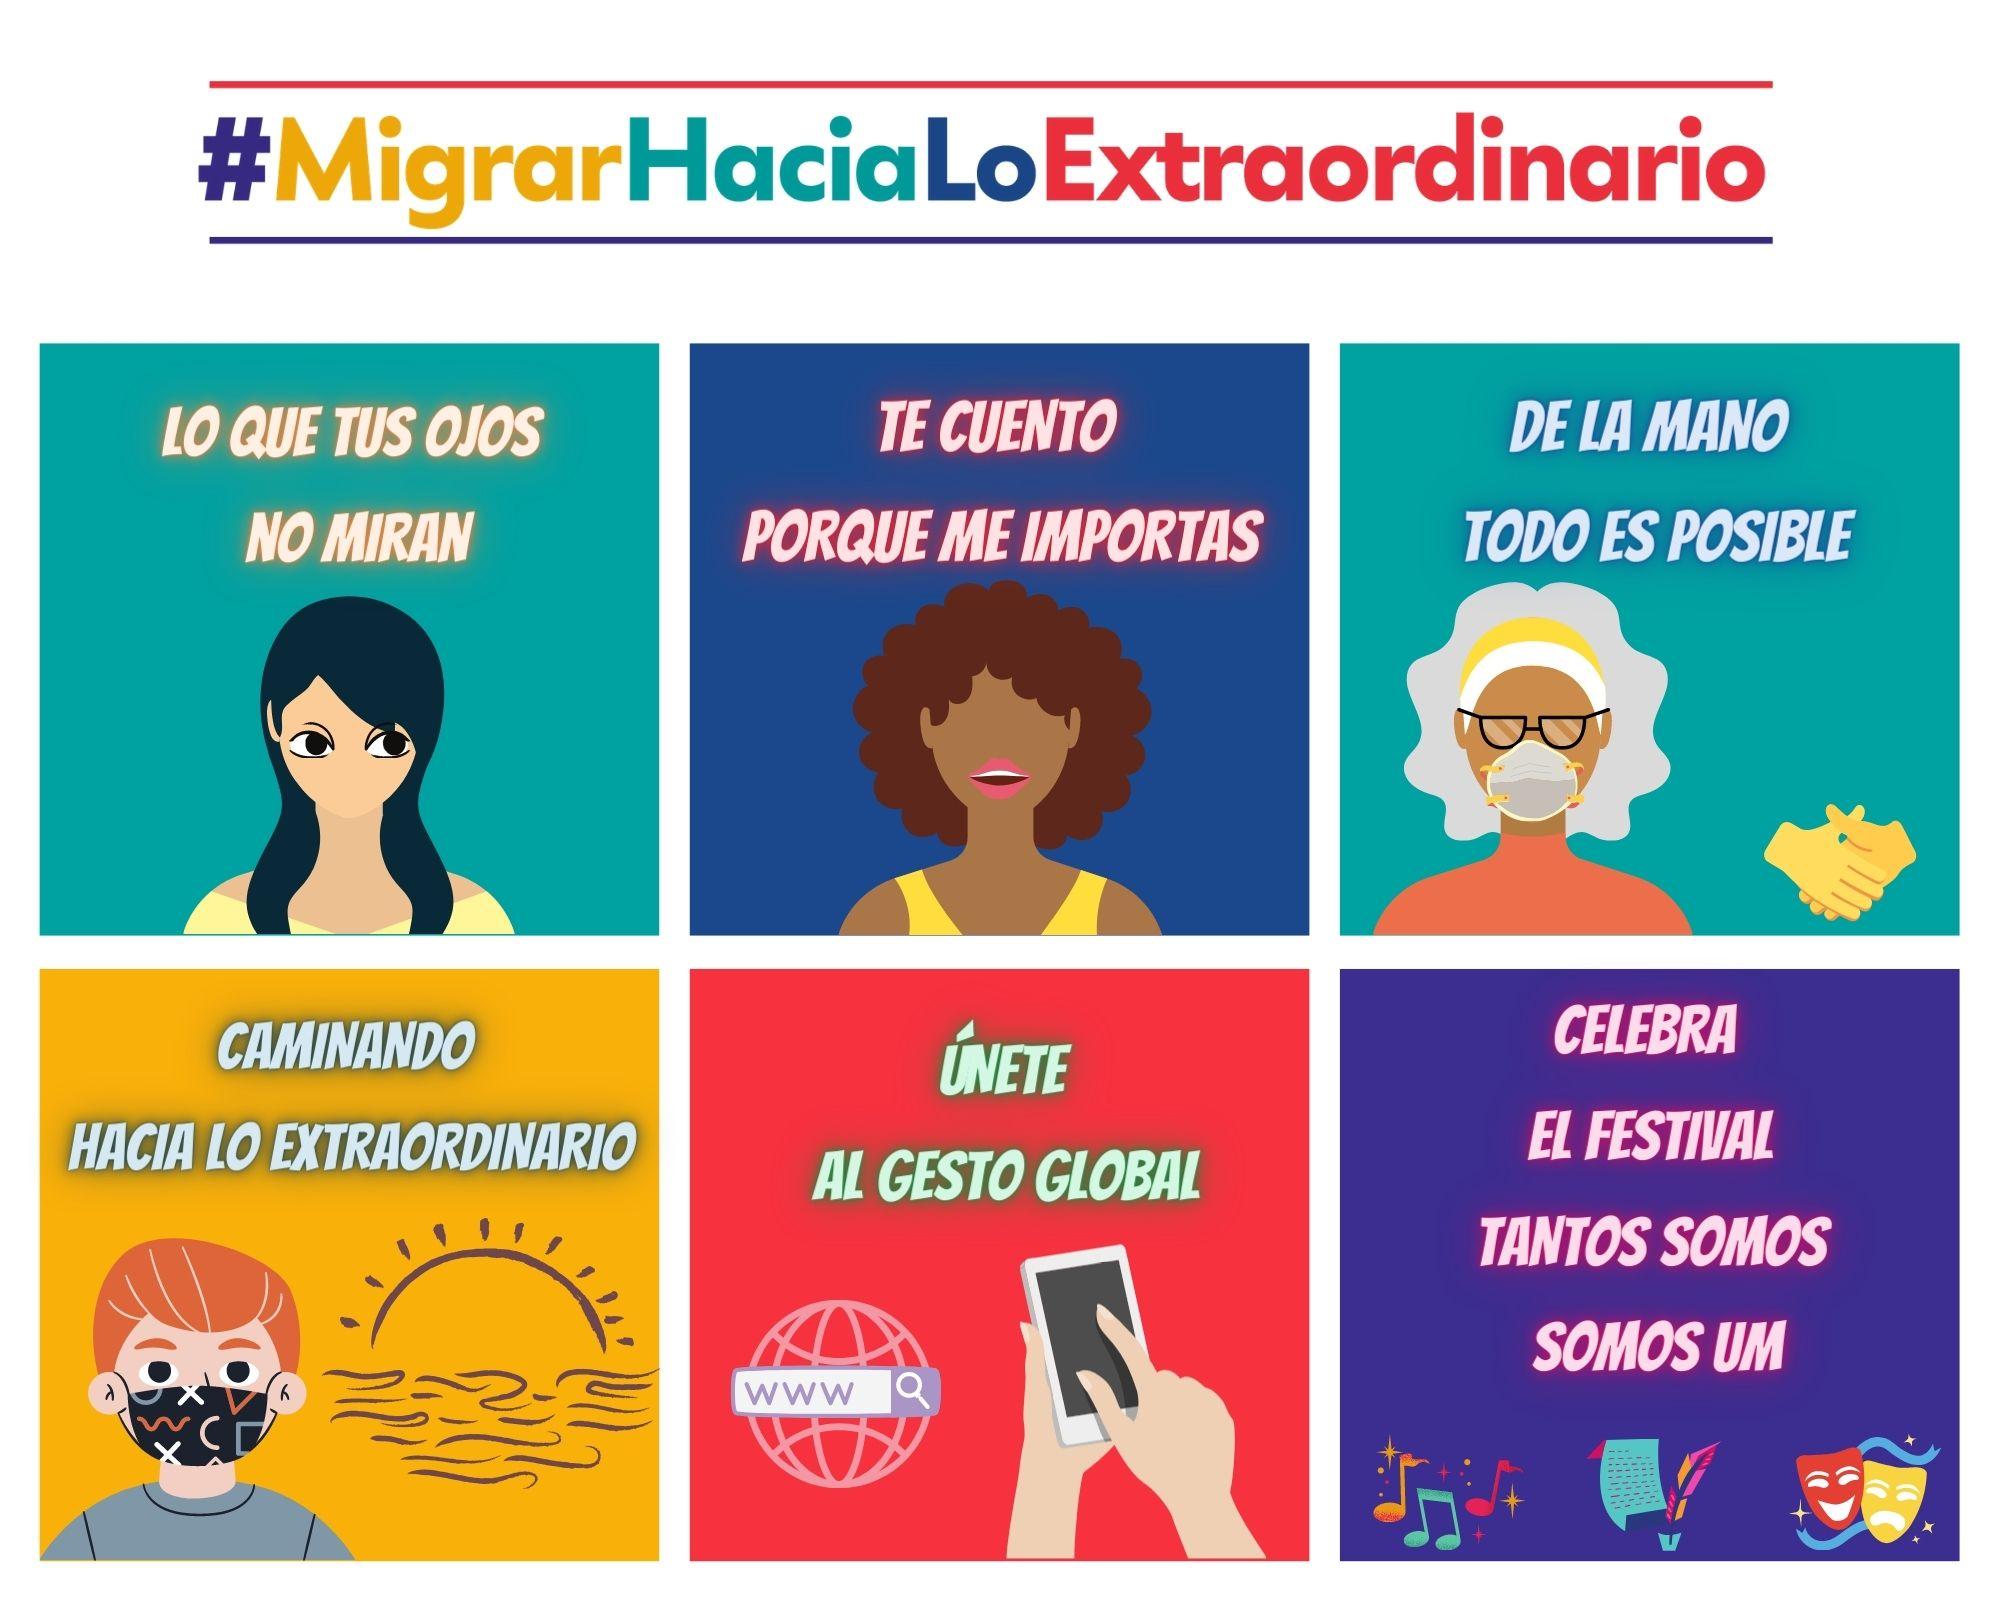 #MigrarHaciaLoExtraordinario